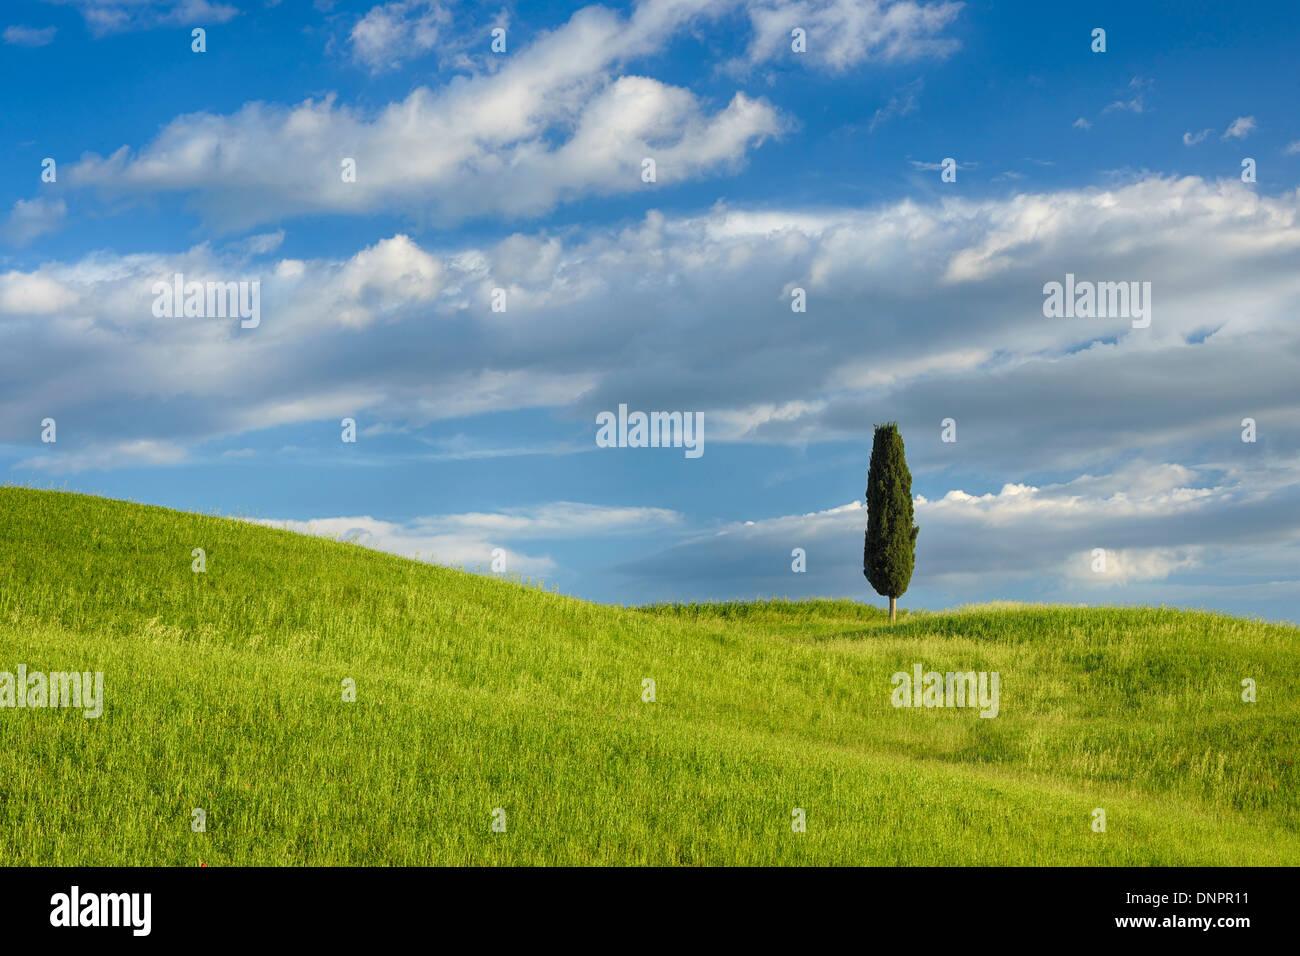 Cyprès dans champ vert. Pienza, Val d'Orcia, Toscane, Italie. Banque D'Images